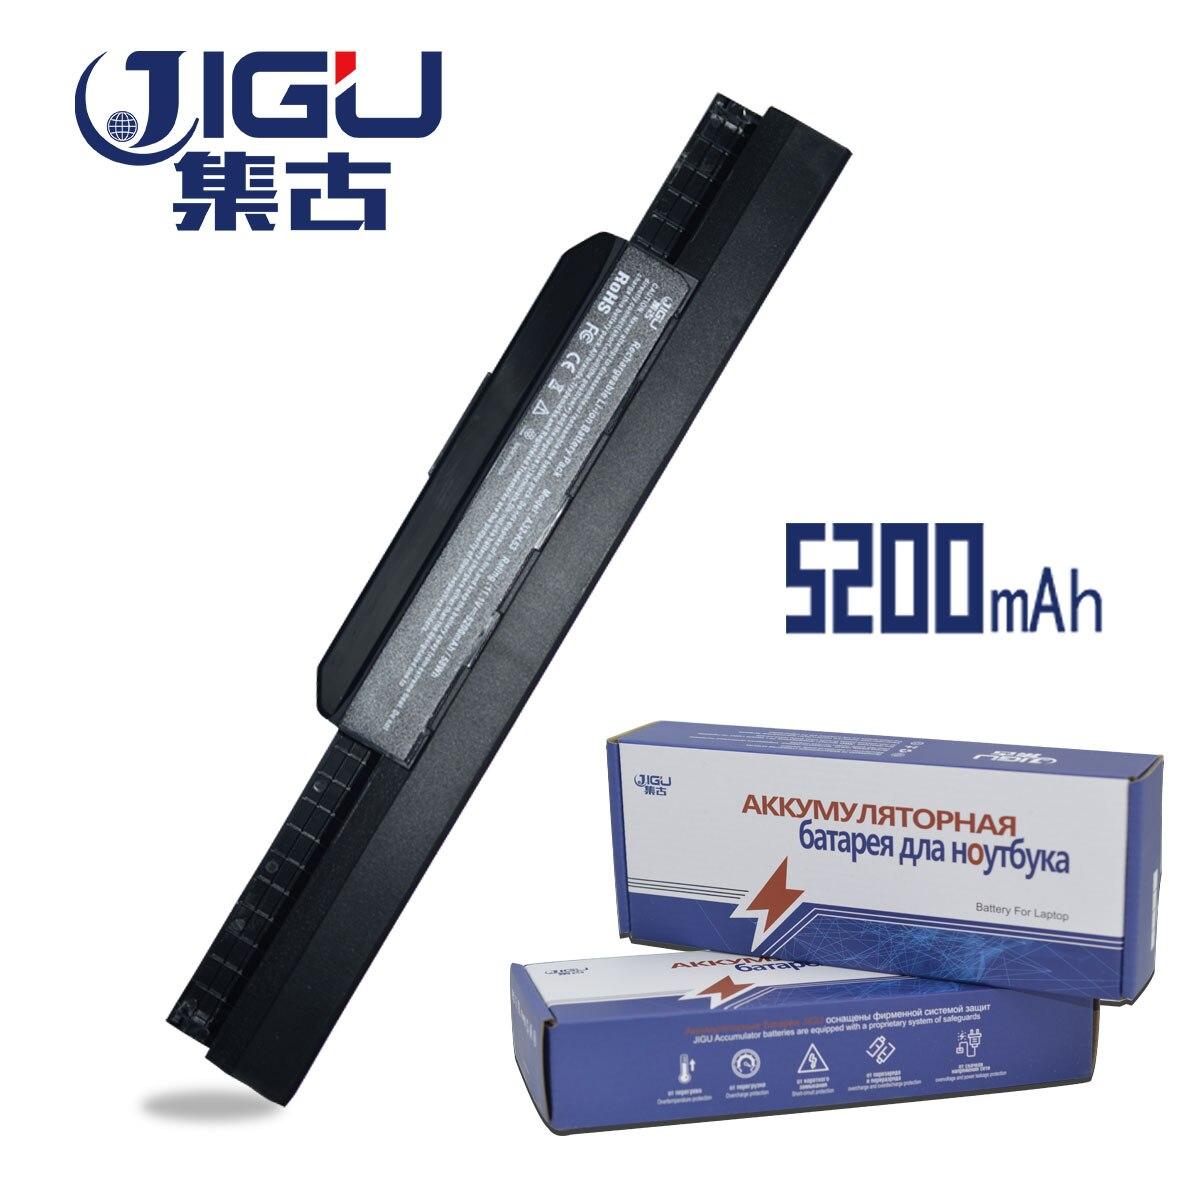 JIGU Batterie D'ordinateur Portable Pour Asus X53B X44E X53E X53S X53T X53U X53U X54F X54H X54K X84C X84S X84SL X84HR X53S x44HO